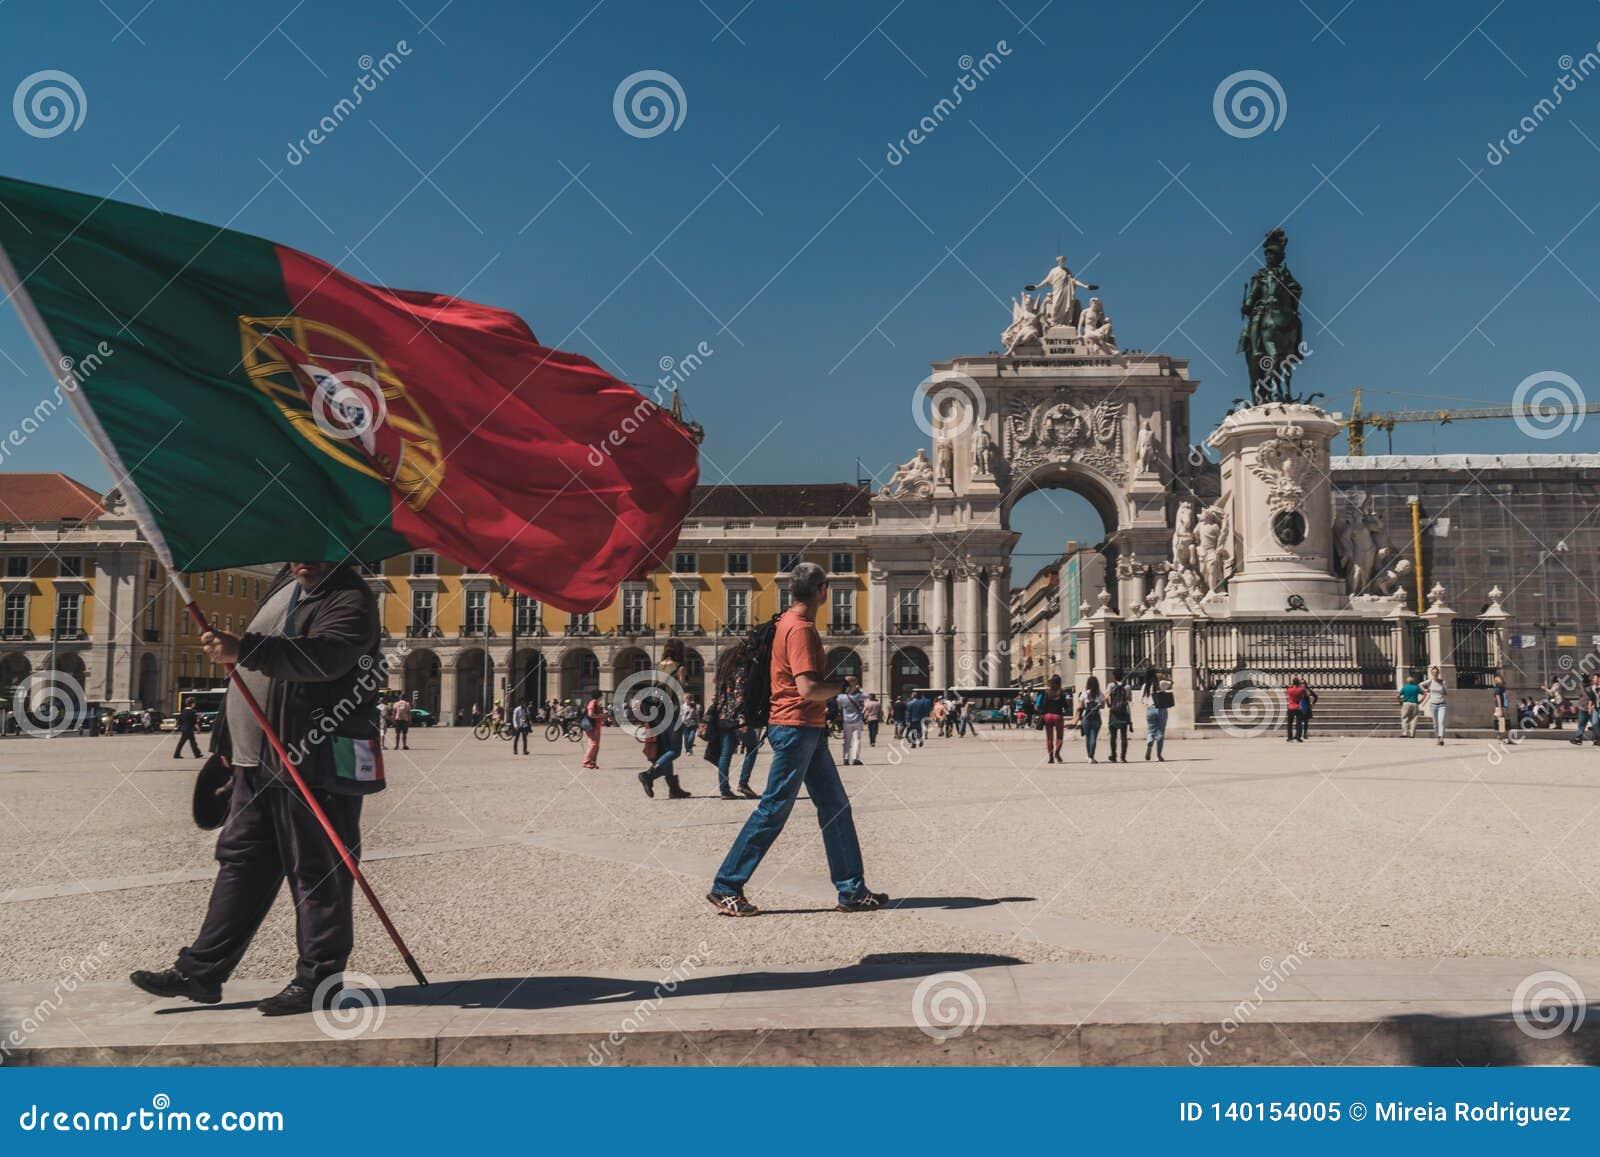 Iemand houdt een reuzevlag van Portugal op het Praça do Comércio Commerce Vierkant in Lissabon van de binnenstad